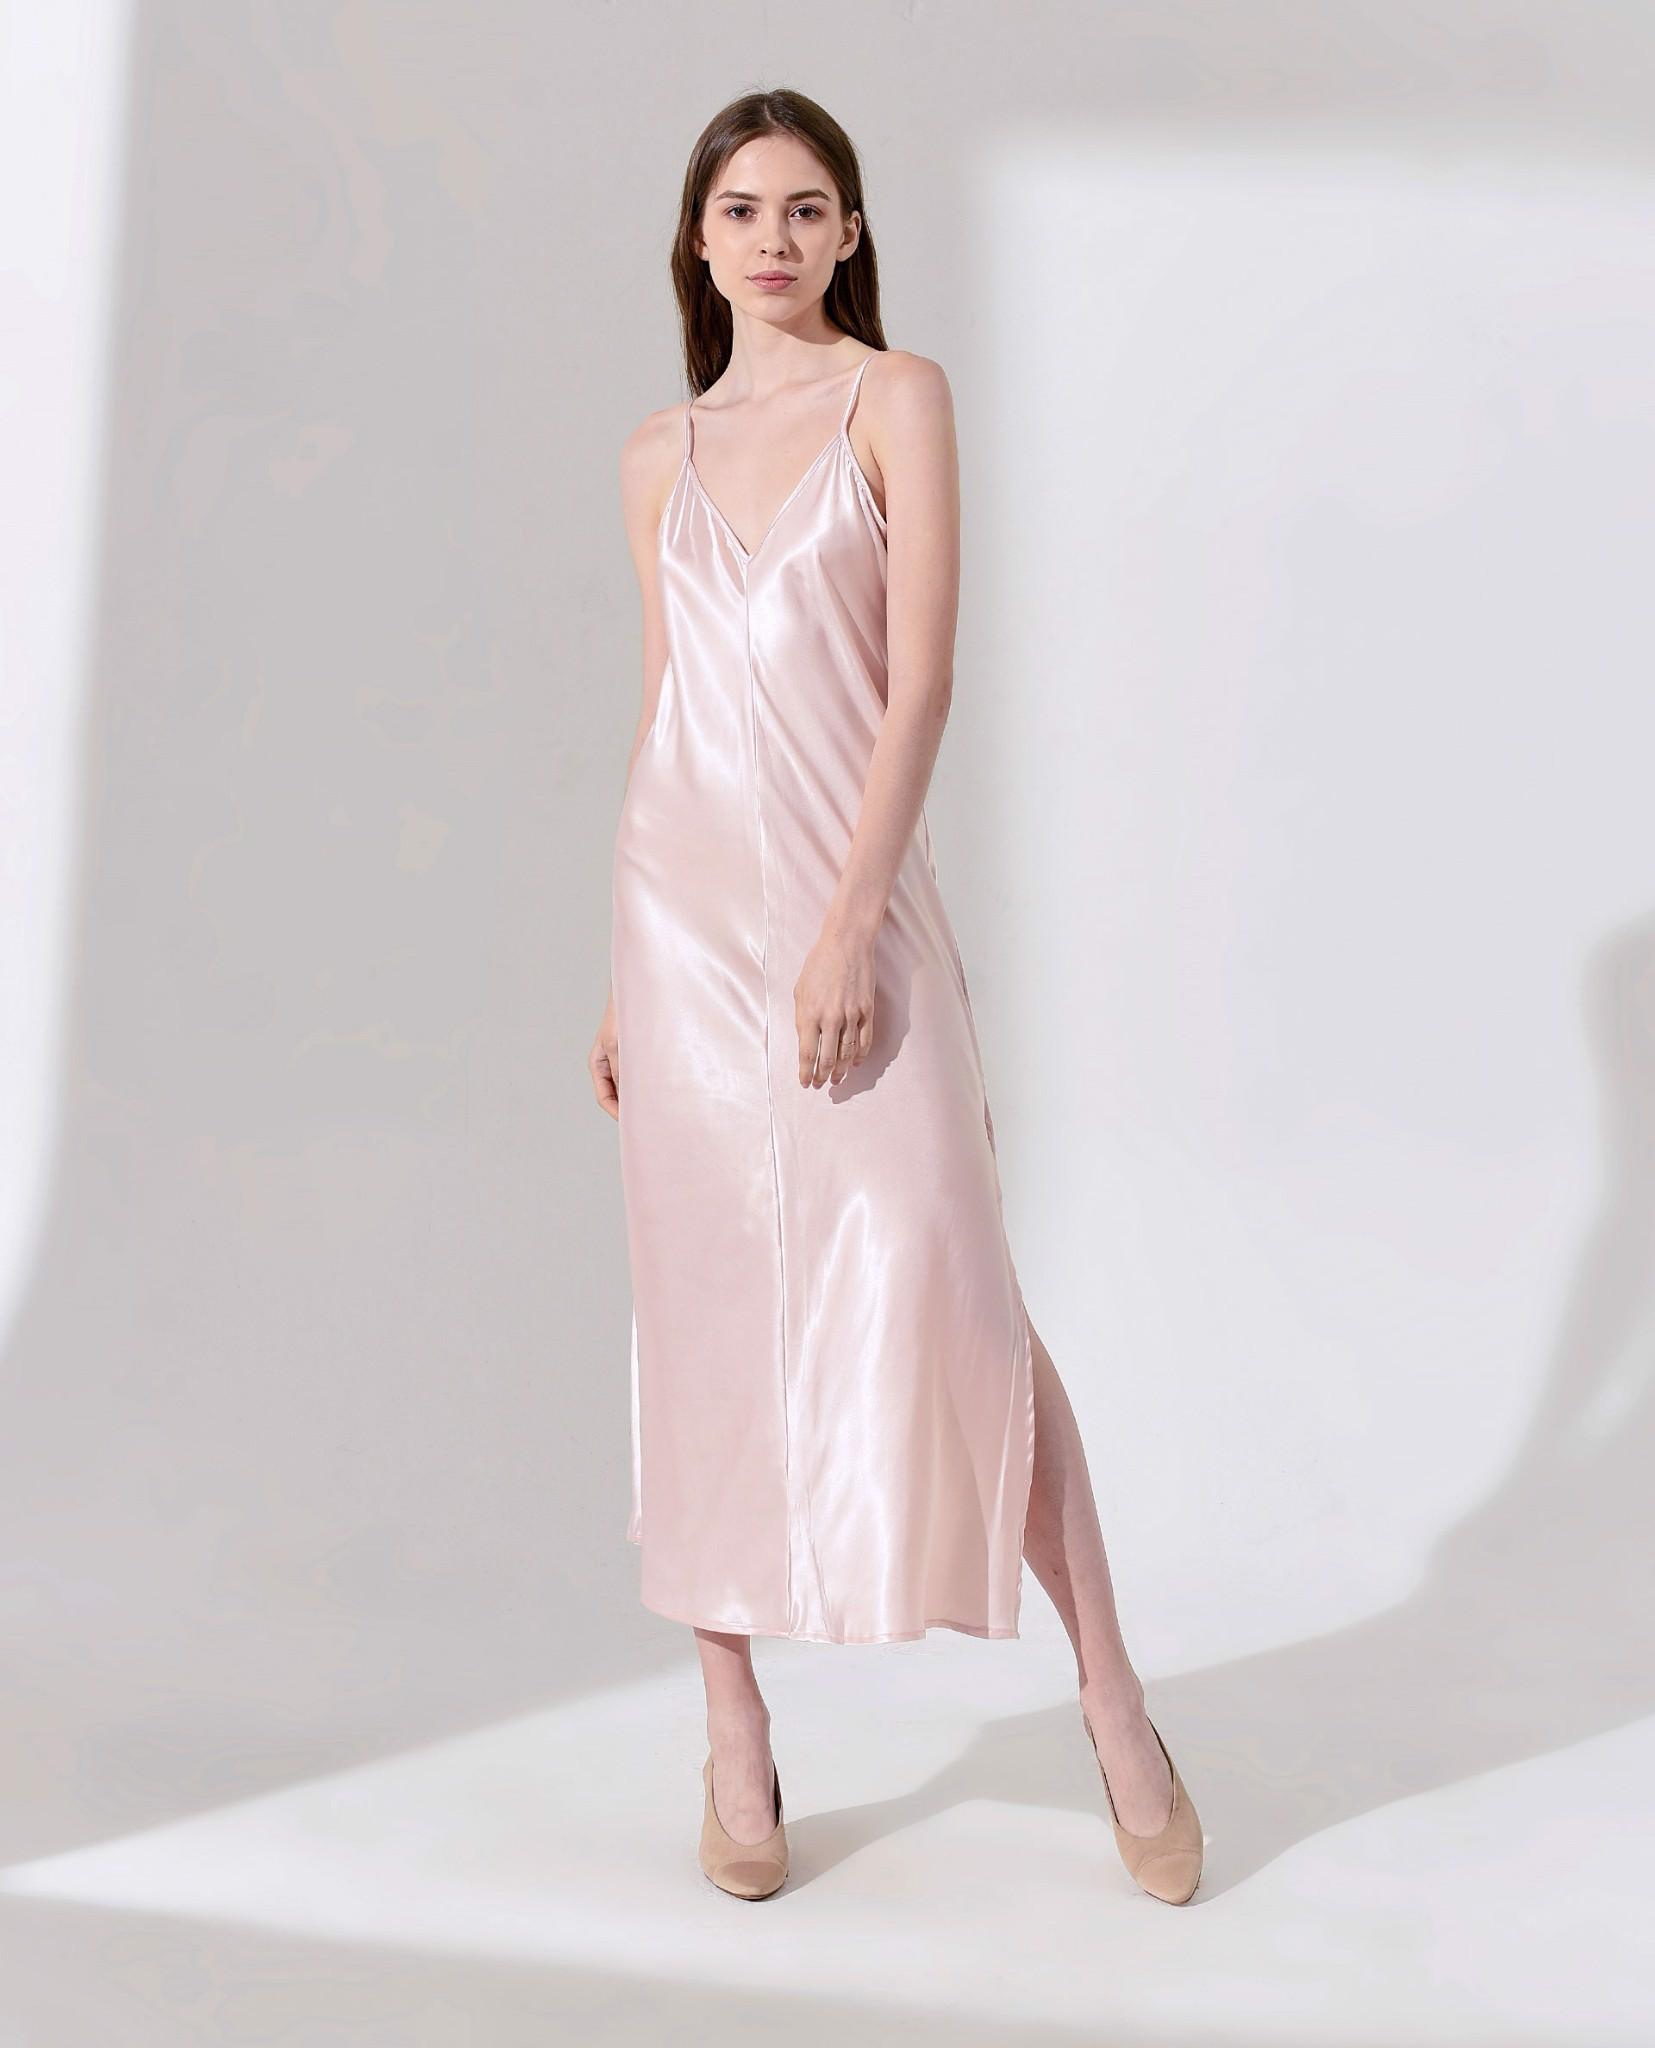 Đầm màu pastel The Cosmo quà giáng sinh theo cung hoàng đạo